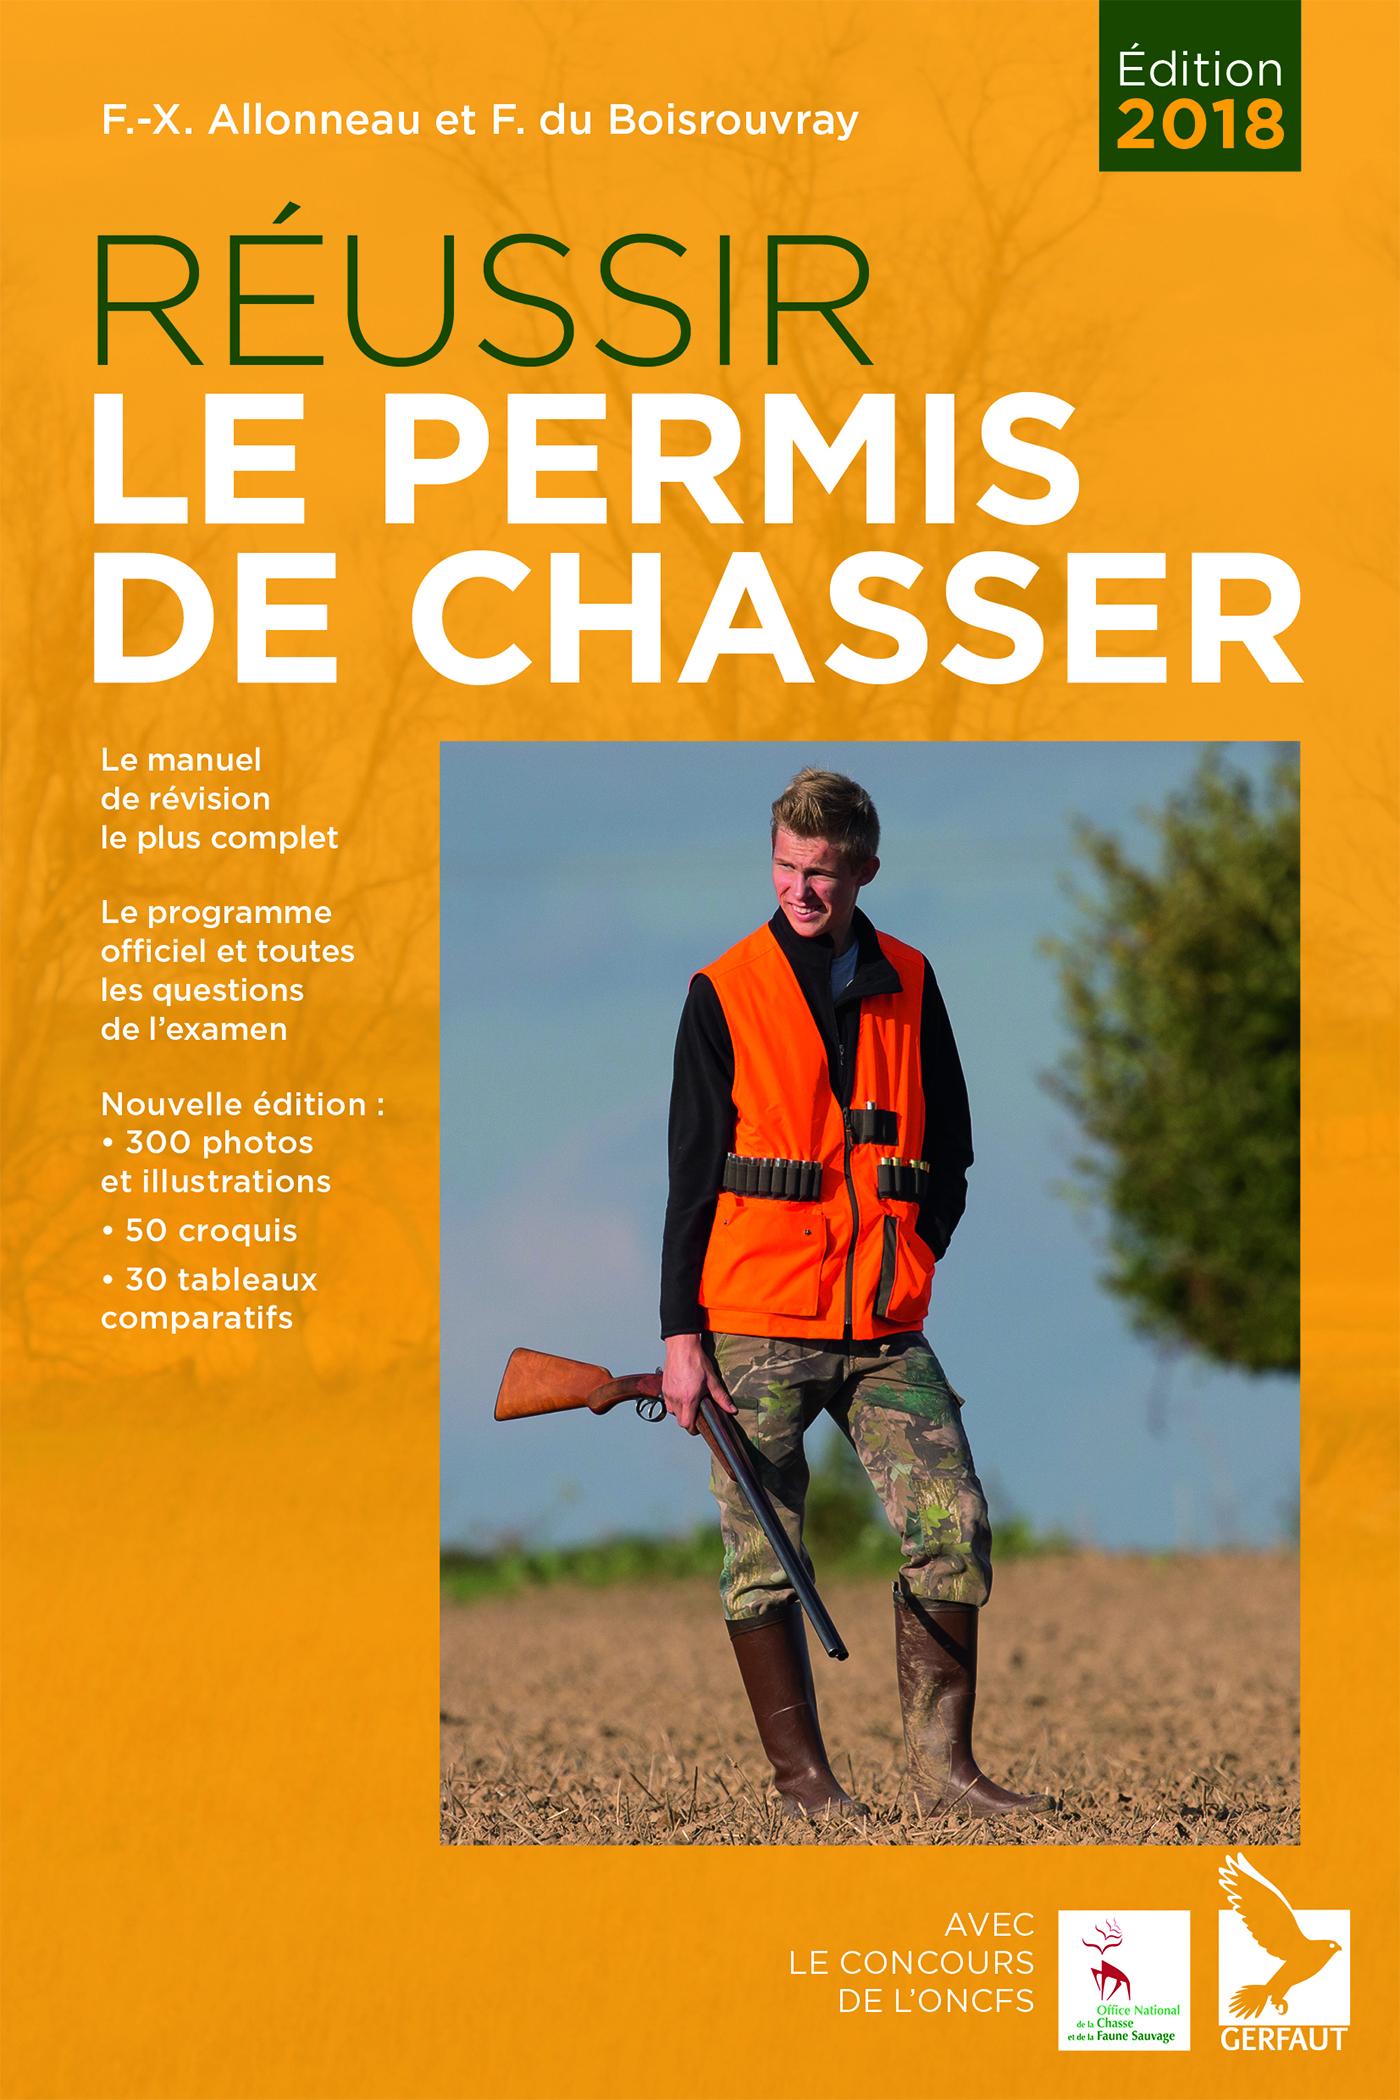 REUSSIR LE PERMIS DE CHASSER 2018